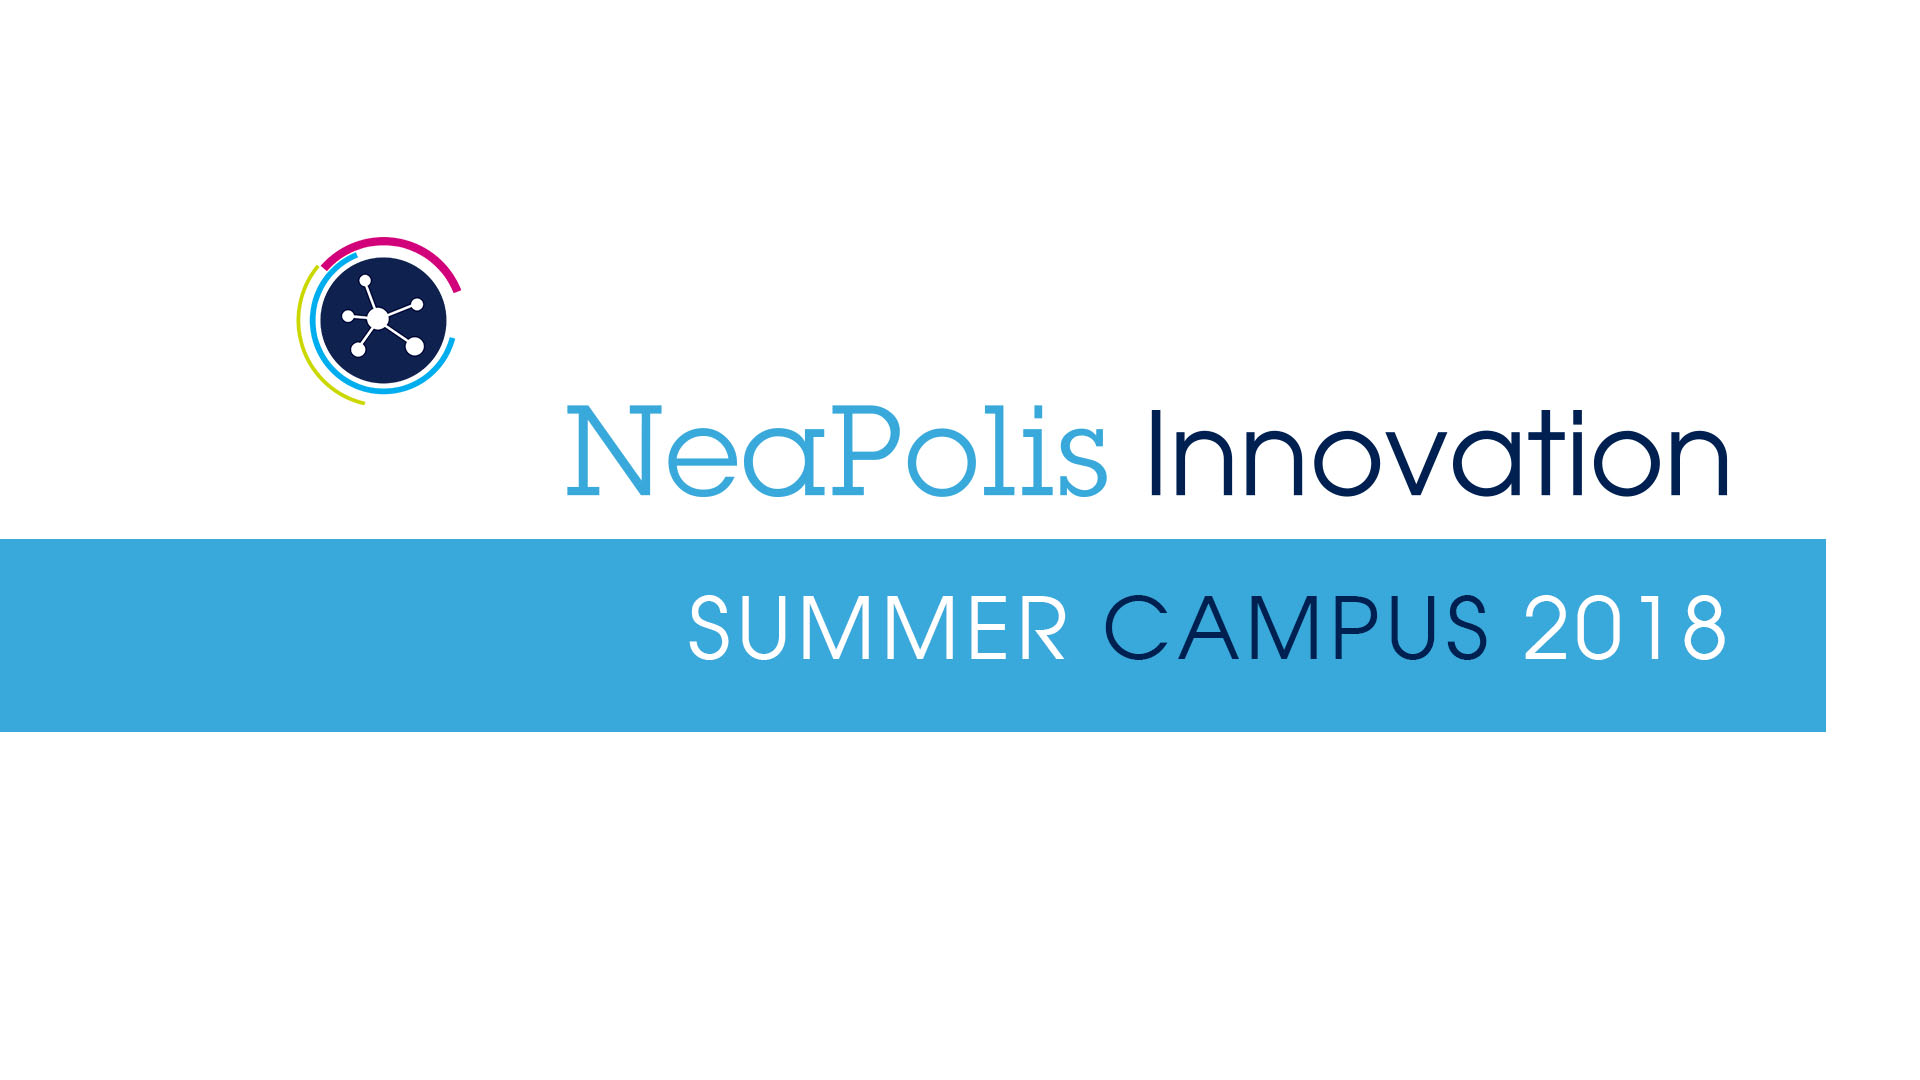 Summer Campus 2018